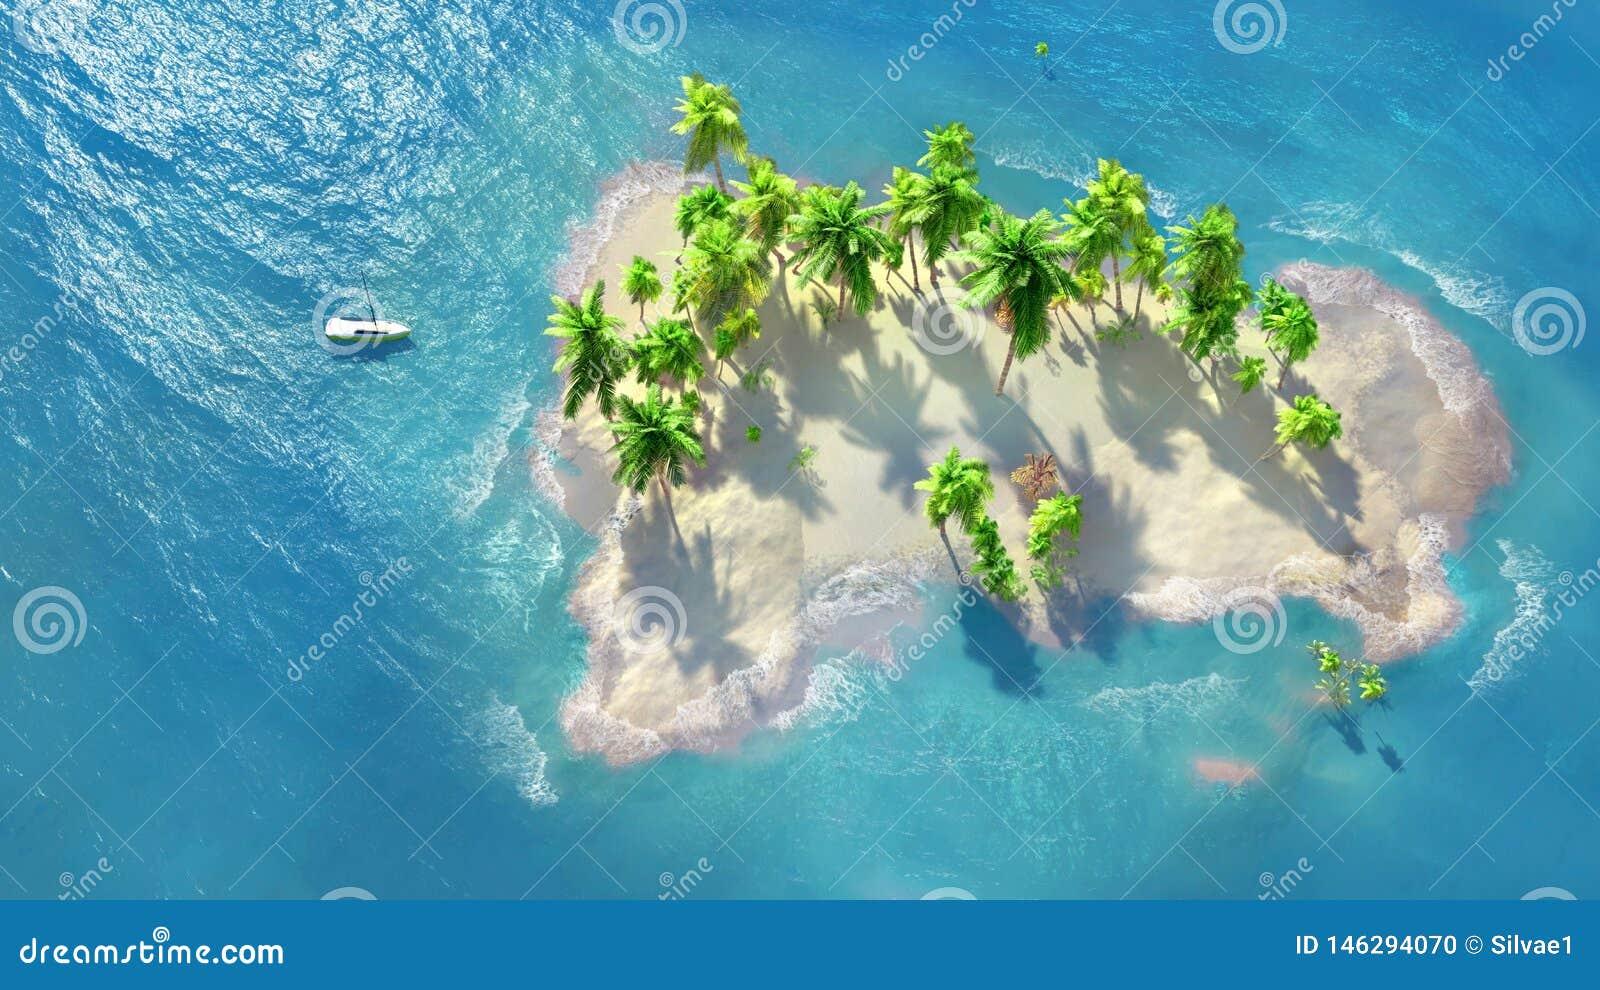 Palma de coco en la playa Mar tropical